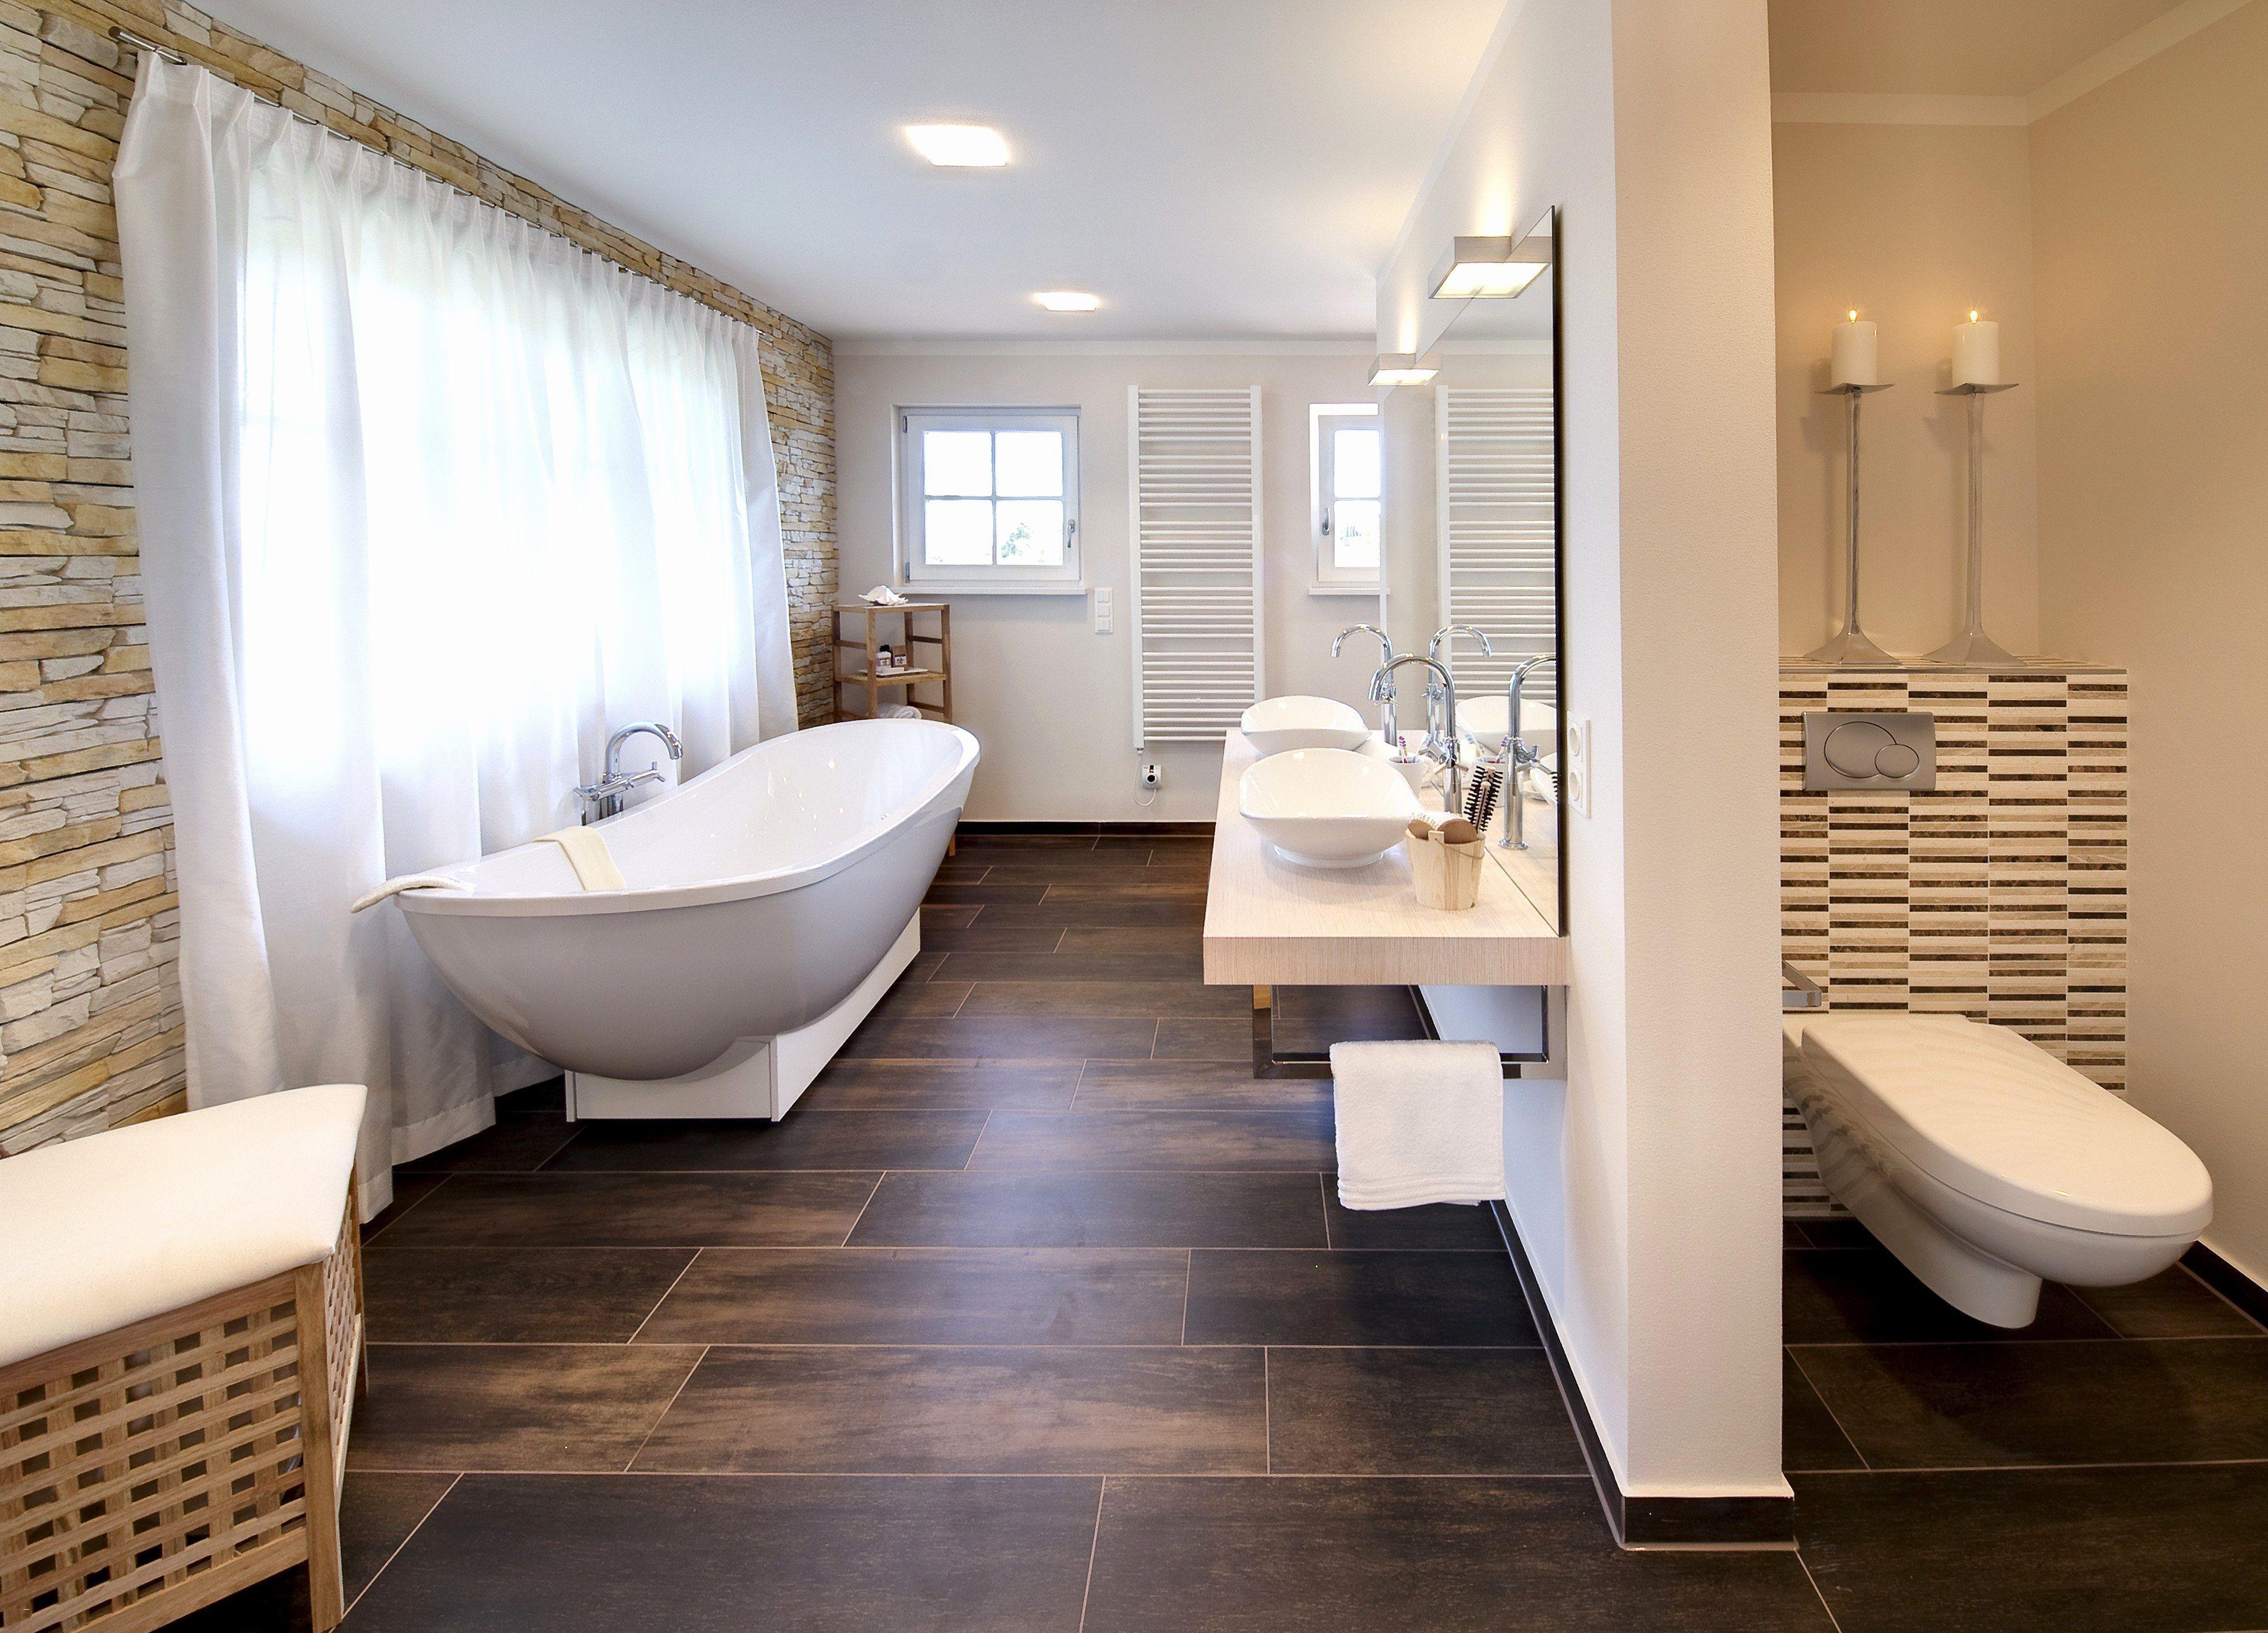 Badezimmer Schrank Mit Jalousie Badezimmer Holzoptik Haas Haus Haus Design